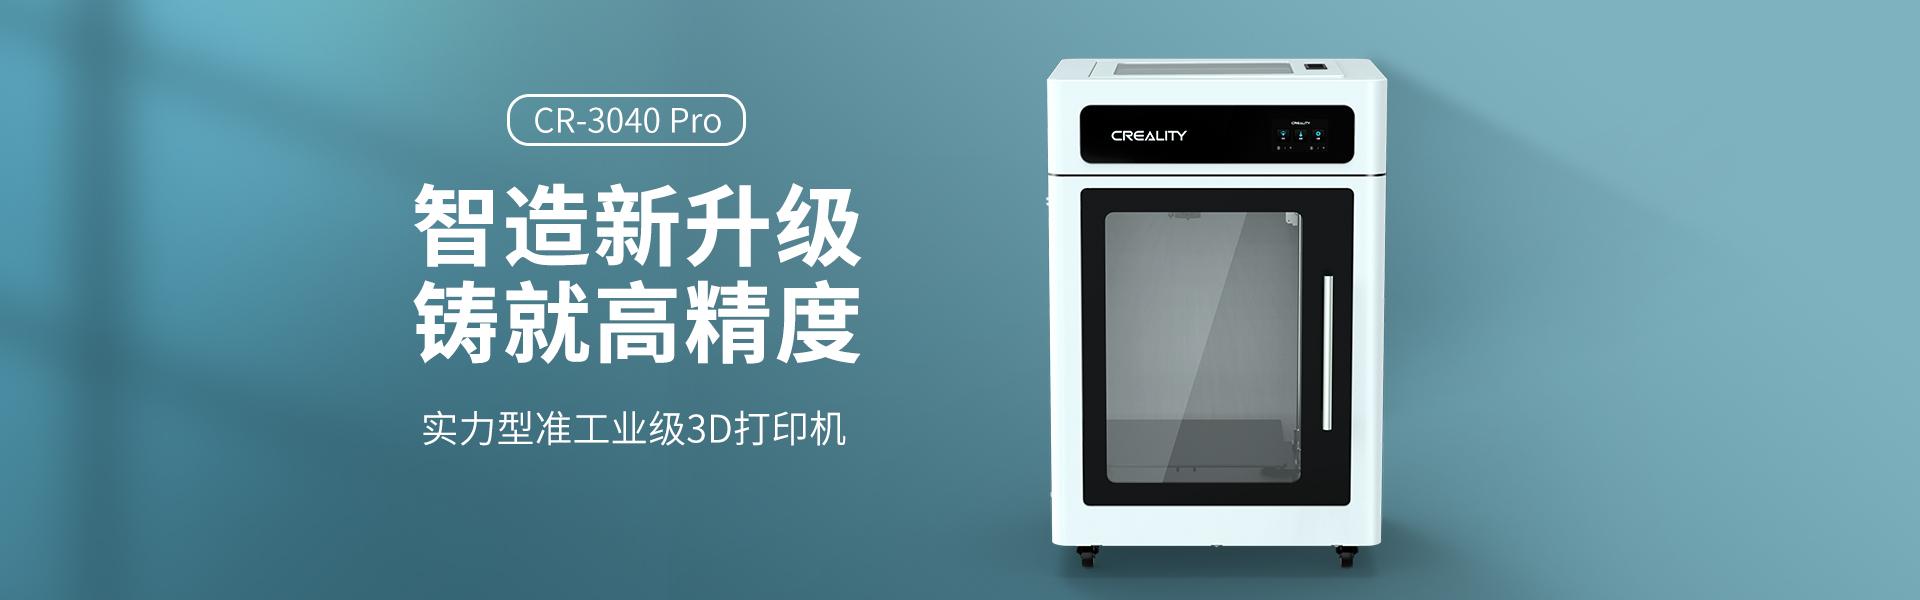 CR-3040 Pro 准工业级3D打印机